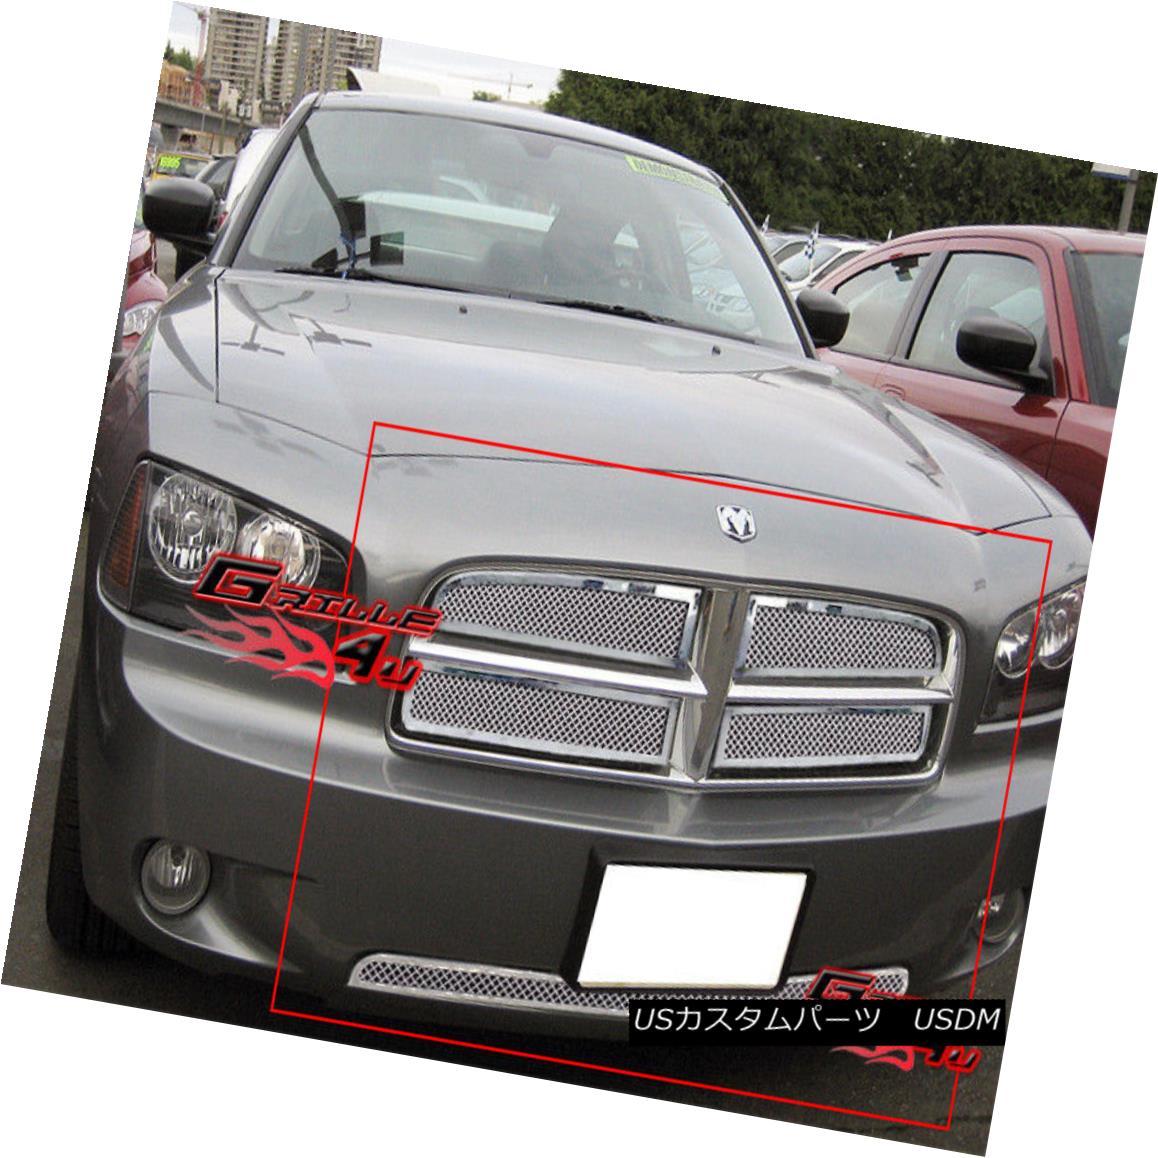 グリル For 05-10 Dodge Charger Stainless Steel Mesh Grille Combo 05-10ダッジチャージャーステンレスメッシュグリルコンボ用